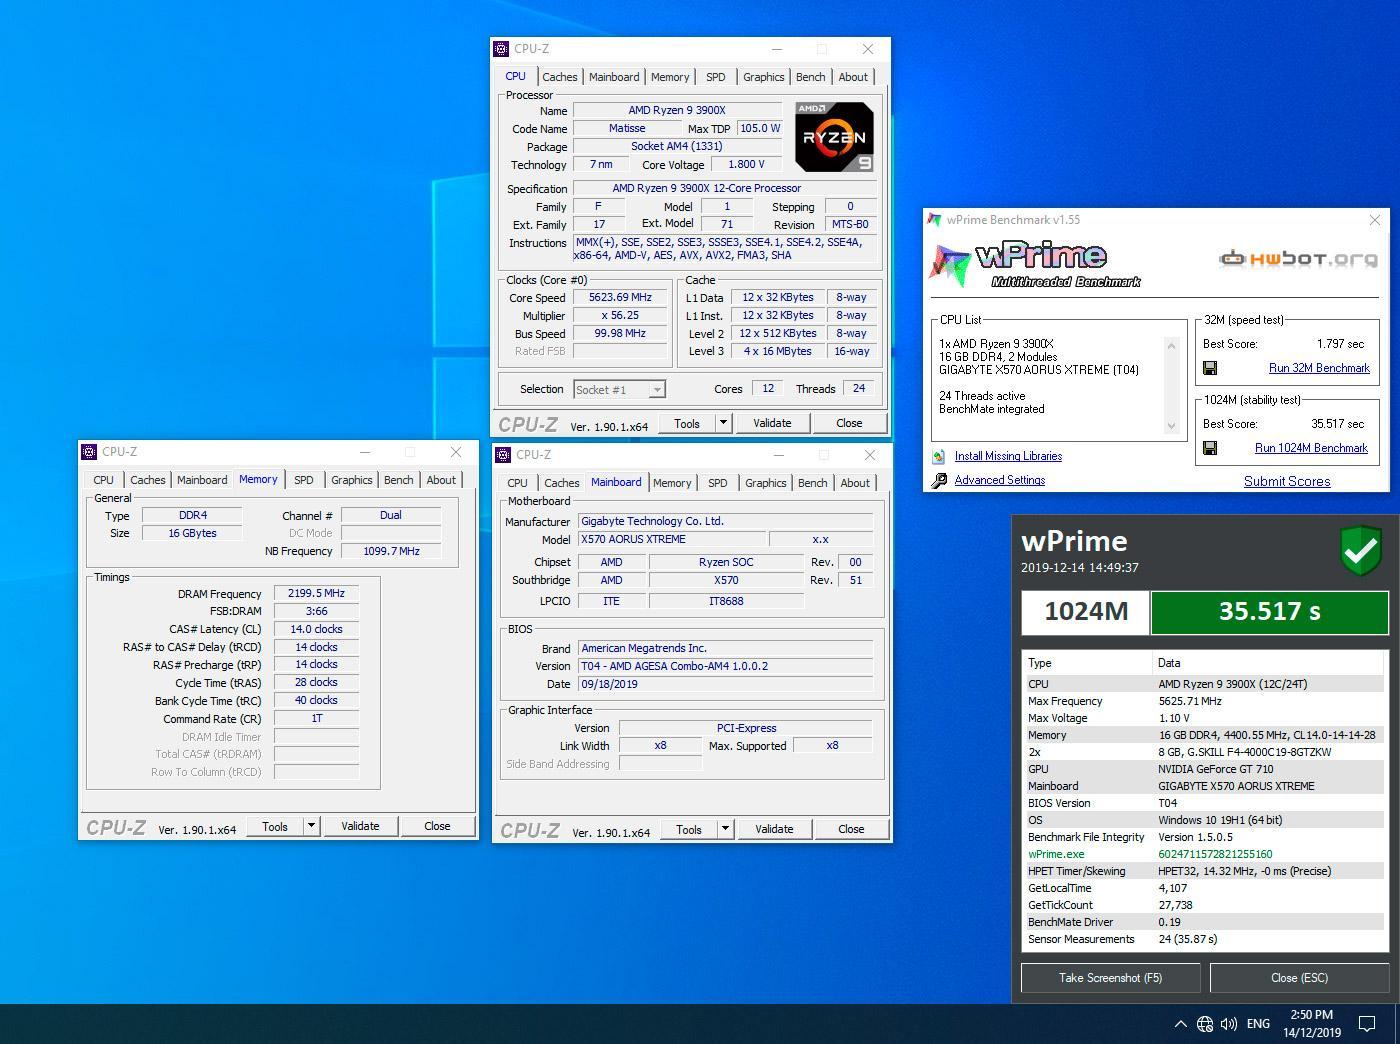 Ryzen 9 3900X, жидкий азот и профессиональные руки: разгон до 5,6 ГГц обеспечил ряд рекордов